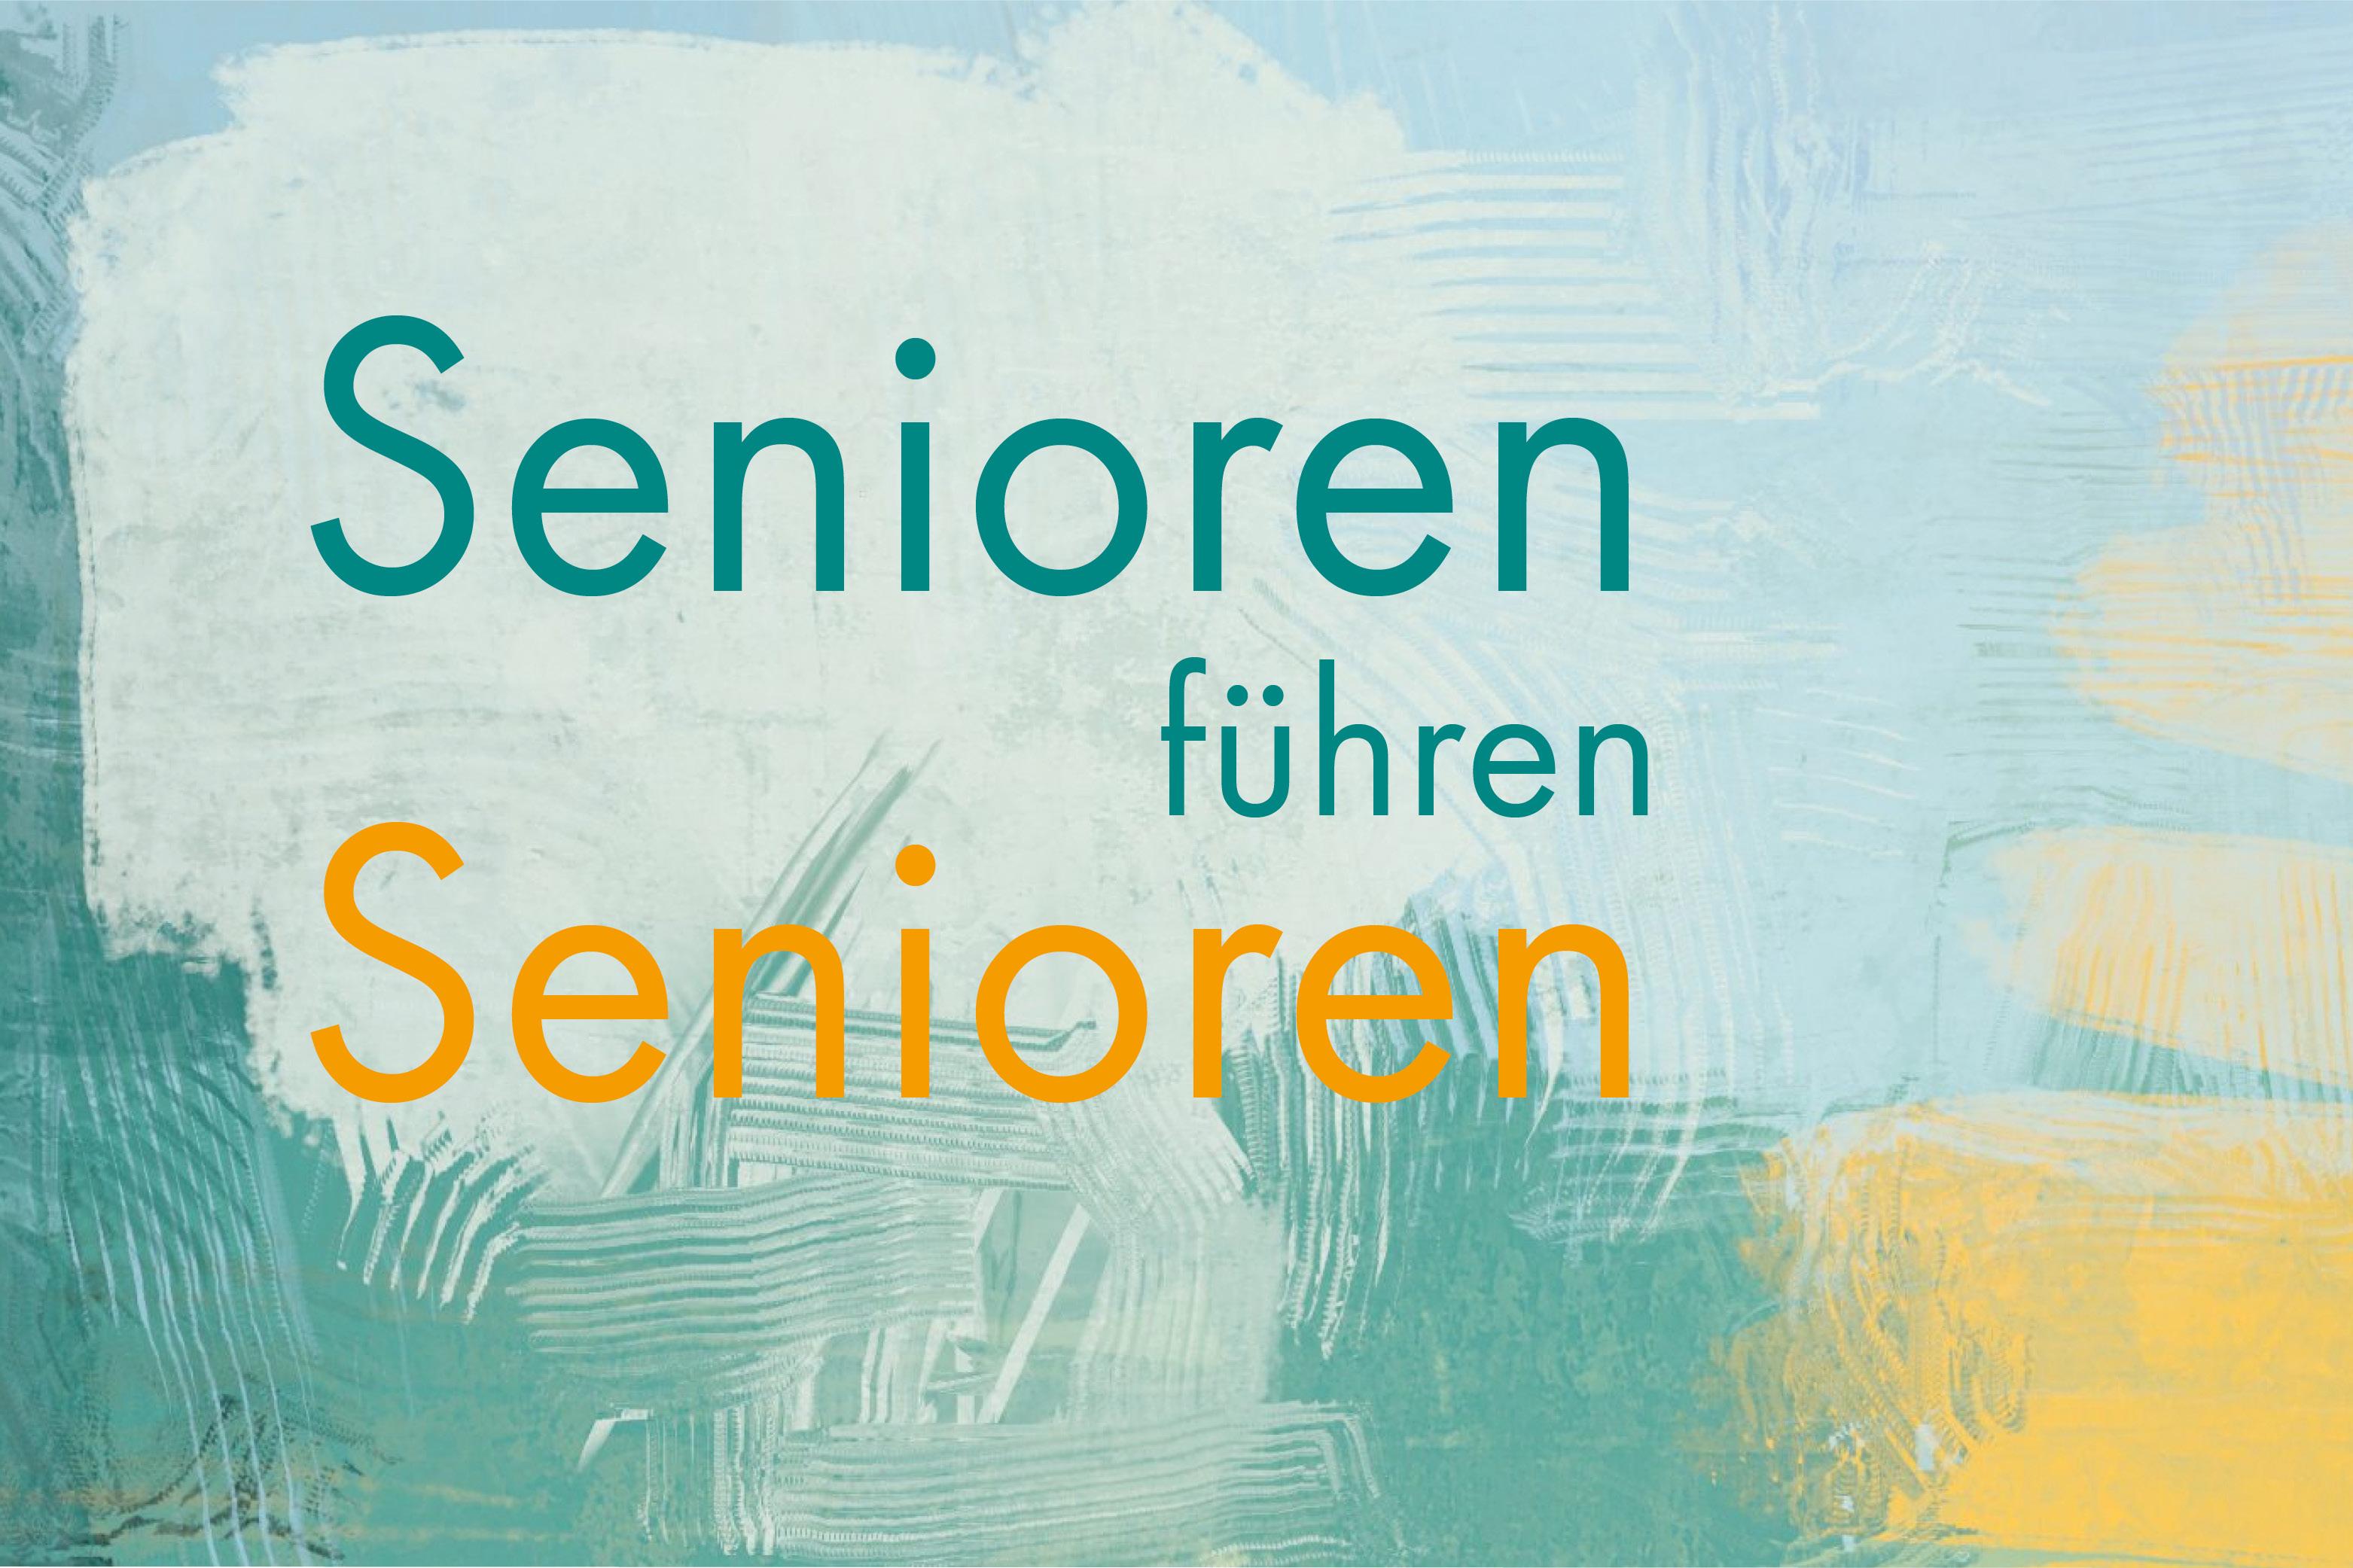 Öffentliche Seniorenführung